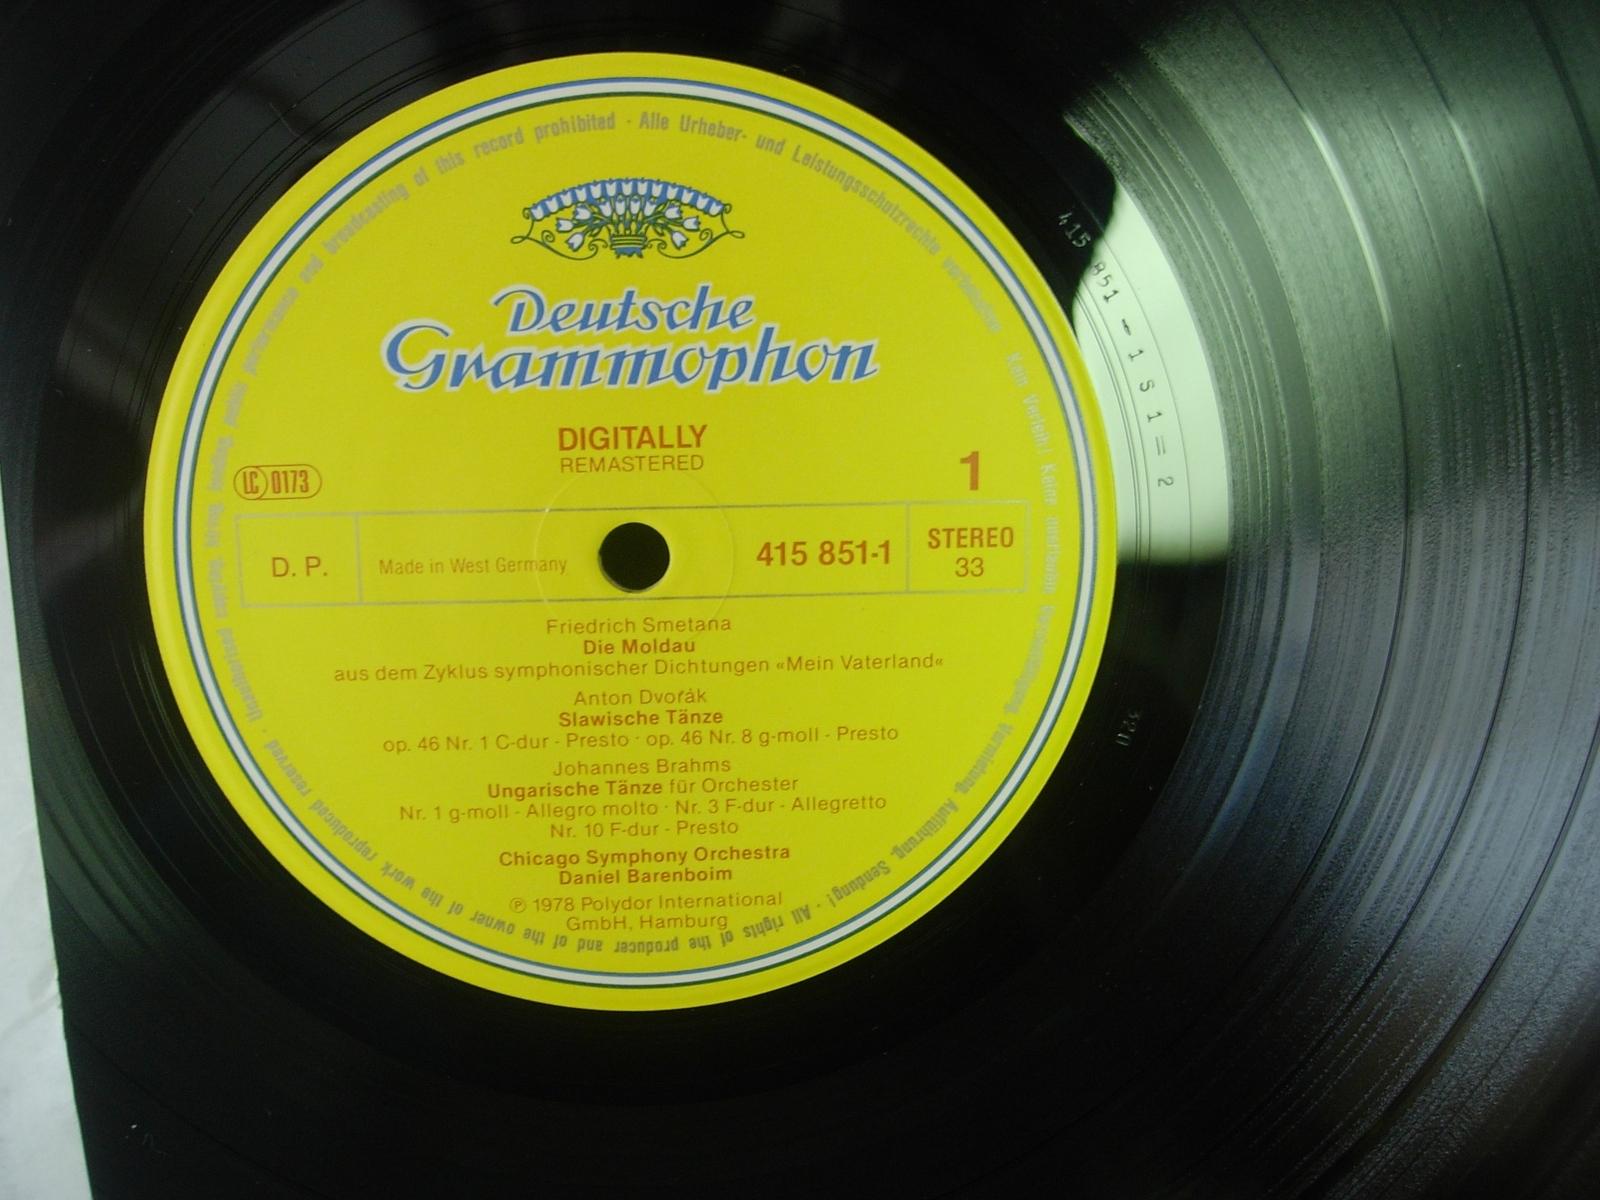 Chicago Symphony - Die Moldau - Daniel Barenboim - Deutsche Grammophon 415 851-1